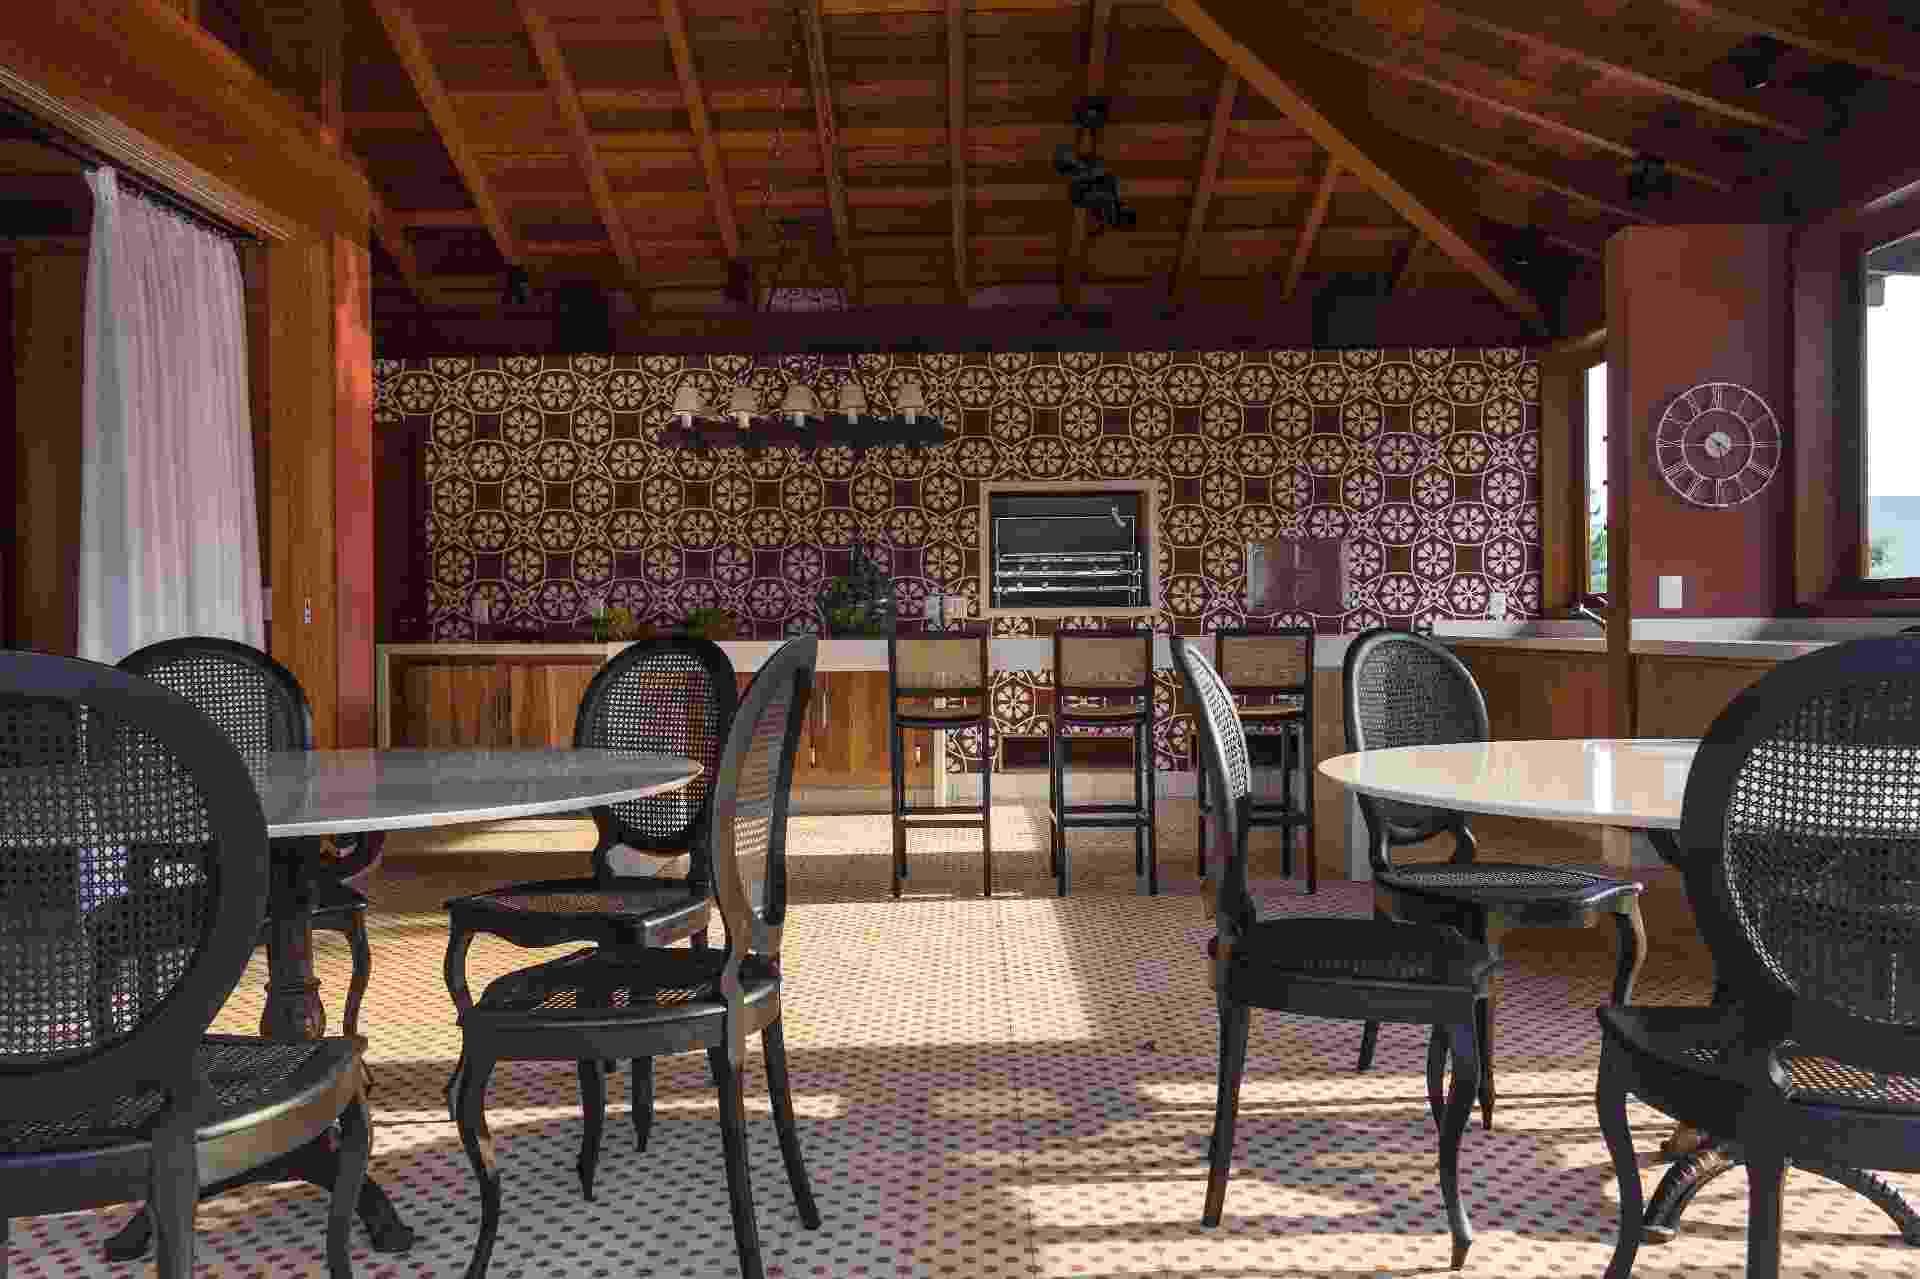 O arquiteto Maurício Karam revestiu a ampla área da churrasqueira com ladrilhos hidráulicos. Os conjuntos de jantar em estilo retrô-rústico e o lustre antigo (sobre a bancada) faziam parte do acervo da família e foram incorporados à decoração - undefined